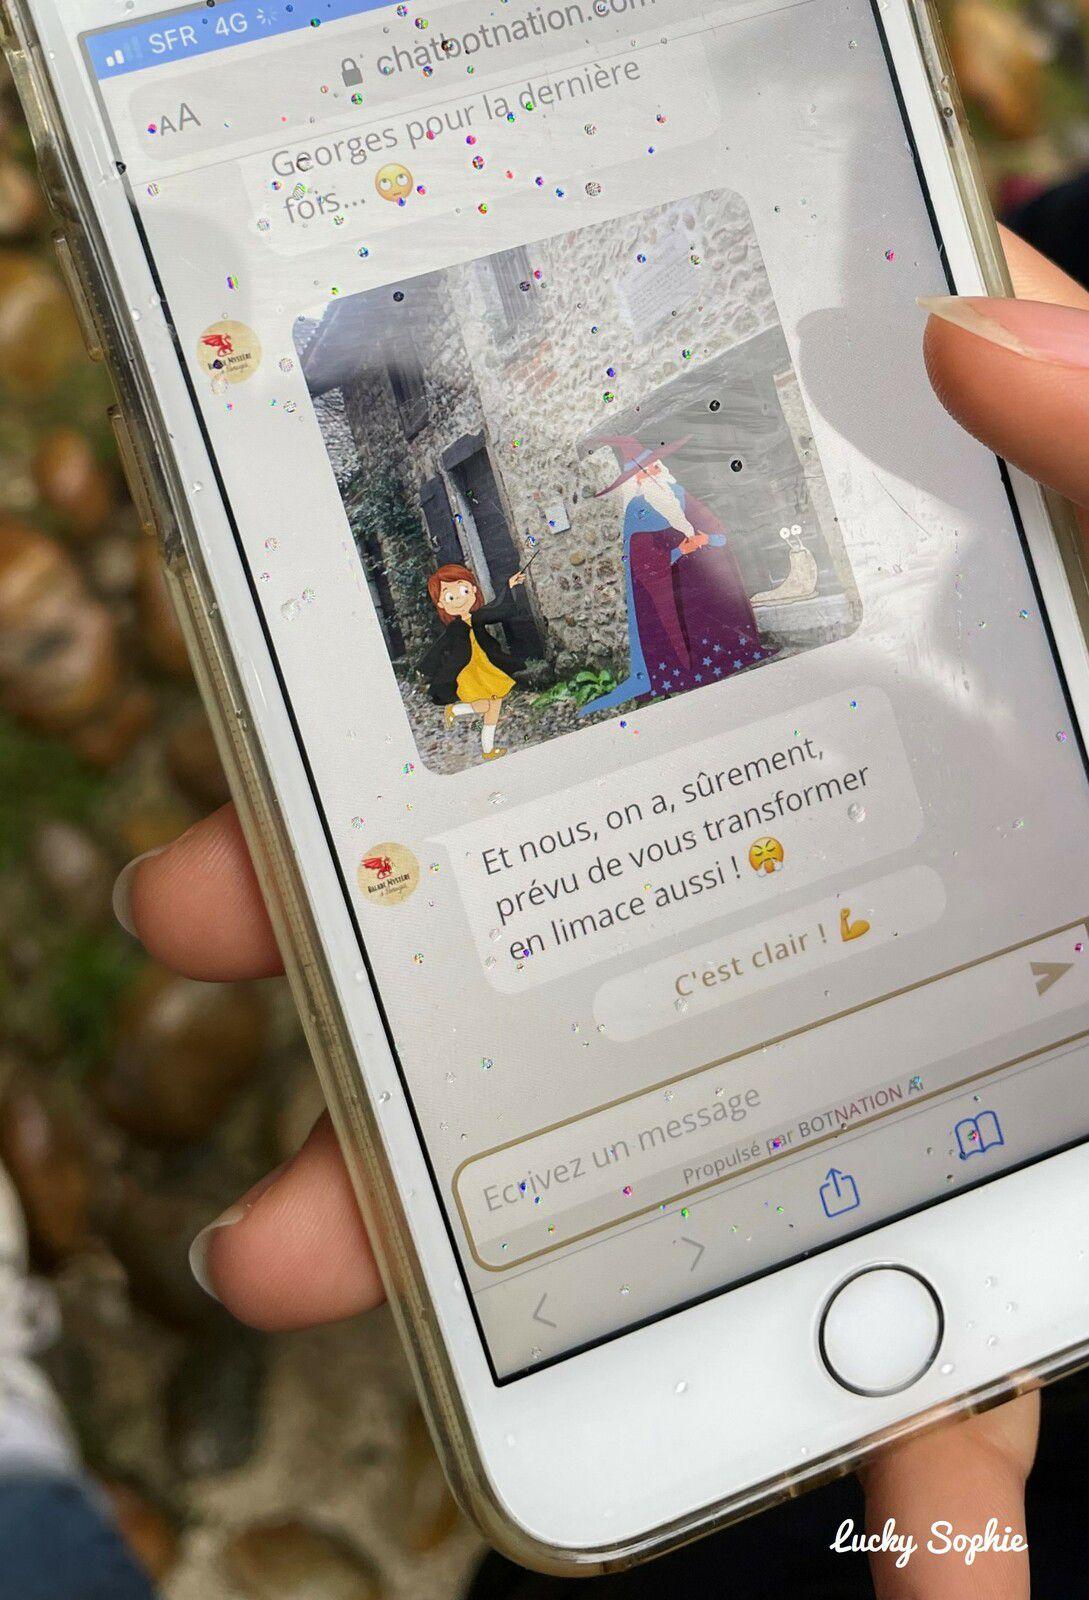 Un jeu connecté via chatbot, qui se déroule comme si on échangeait des sms avec les personnages du jeu, très original et ludique !